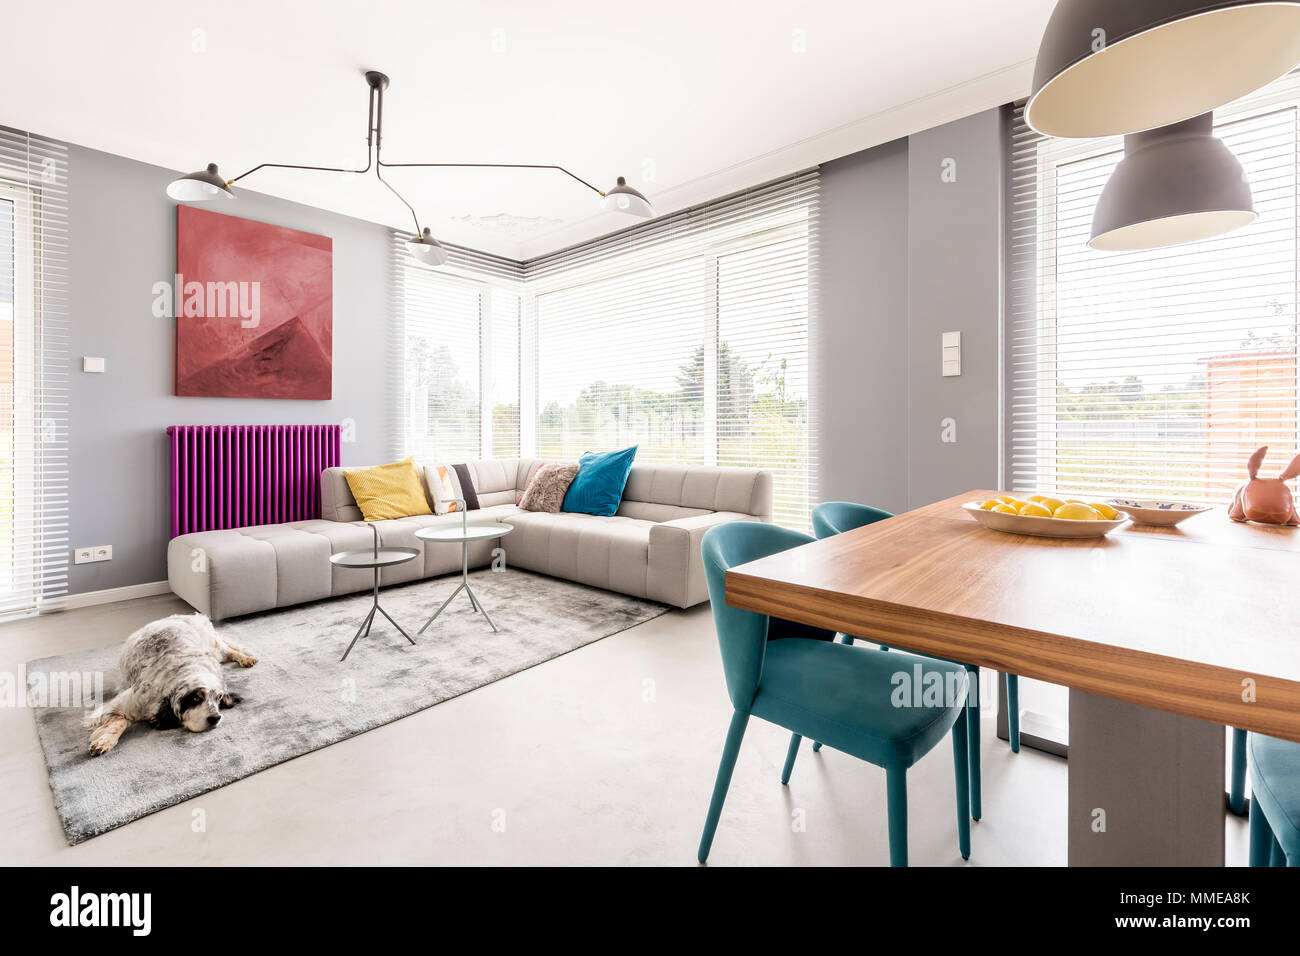 Moderne Wohnzimmer Für Familie Mit Graue Wände, Beigefarbene Ecksofa, Große  Fenster, Malerei, Lila Kühler Und Blaue Stühle Im Speisesaal